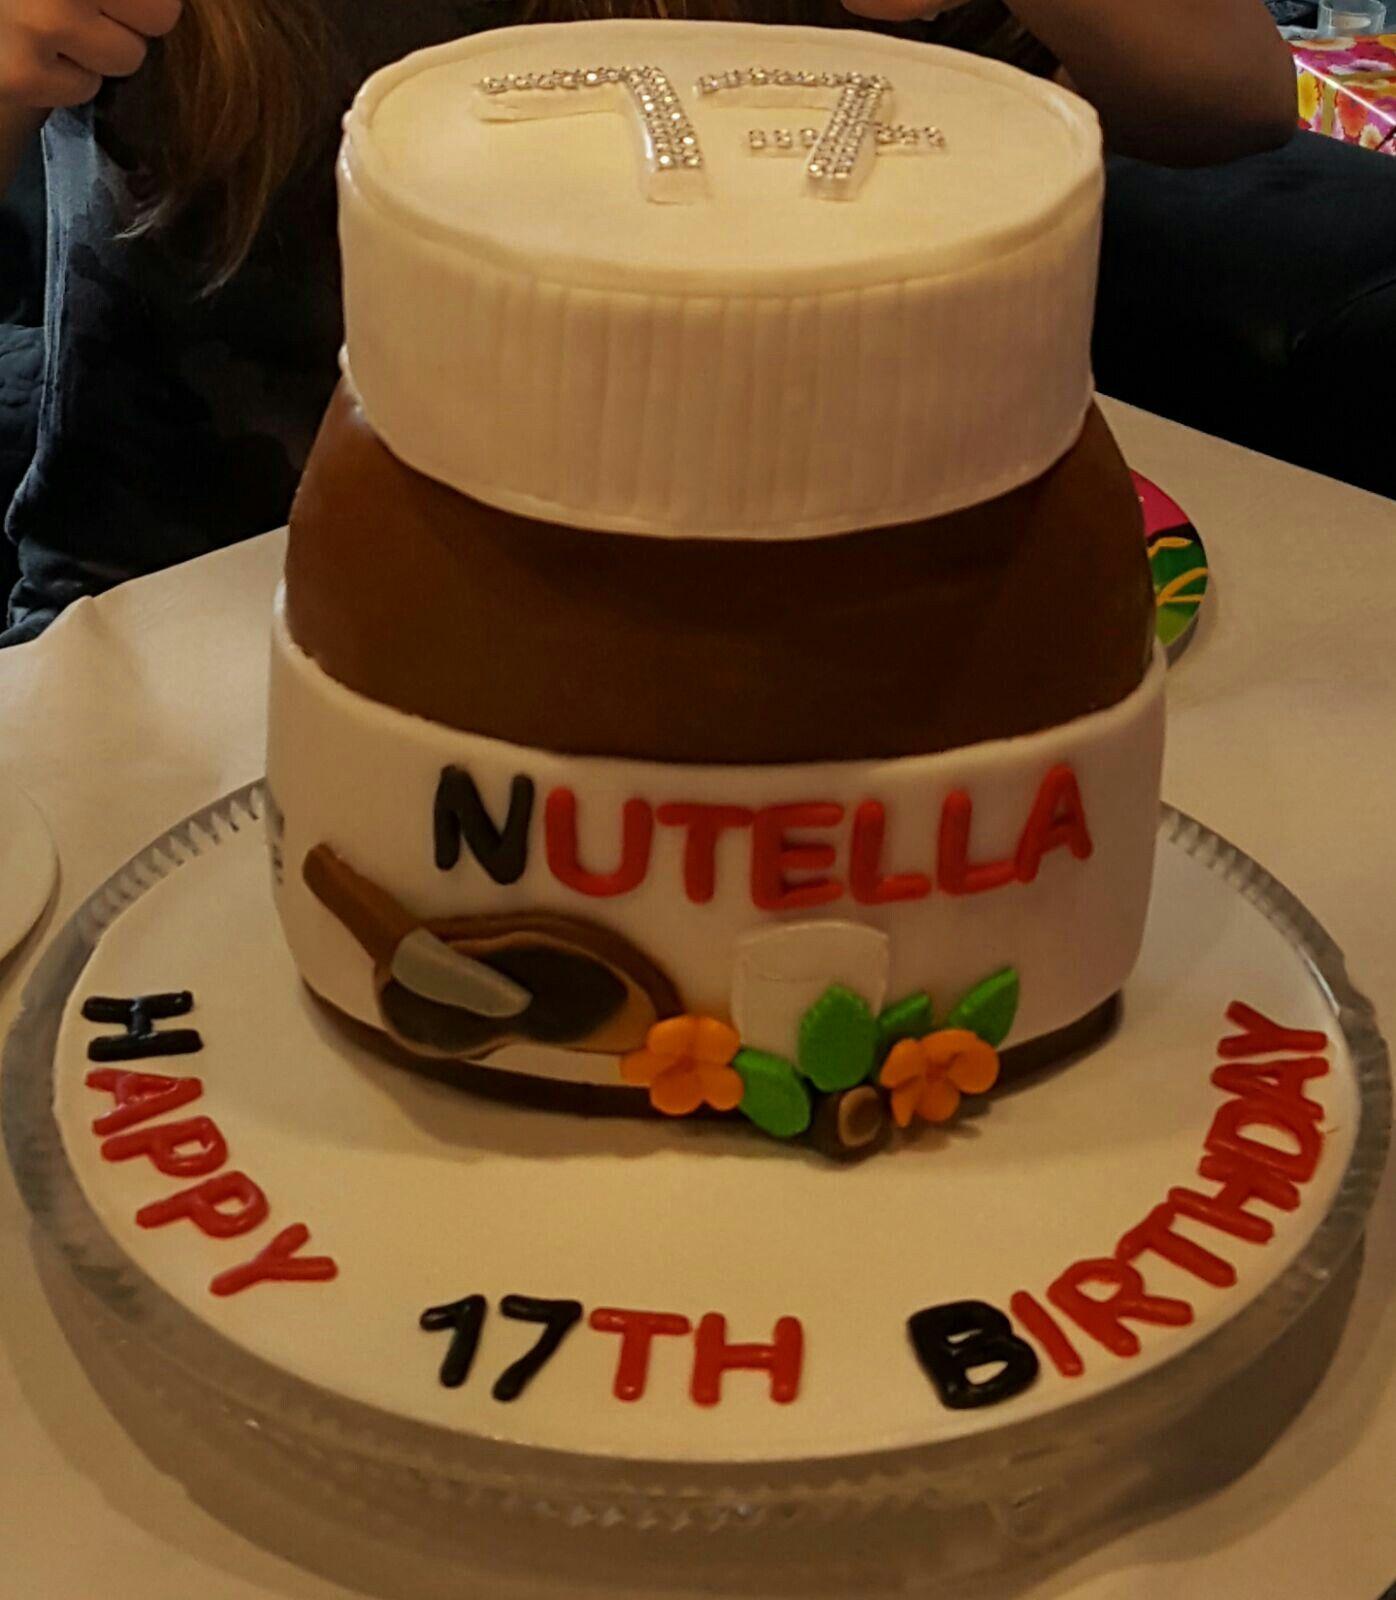 Kinder Bueno Nutella Cake She Who Bakes Nutella Recipes Cake